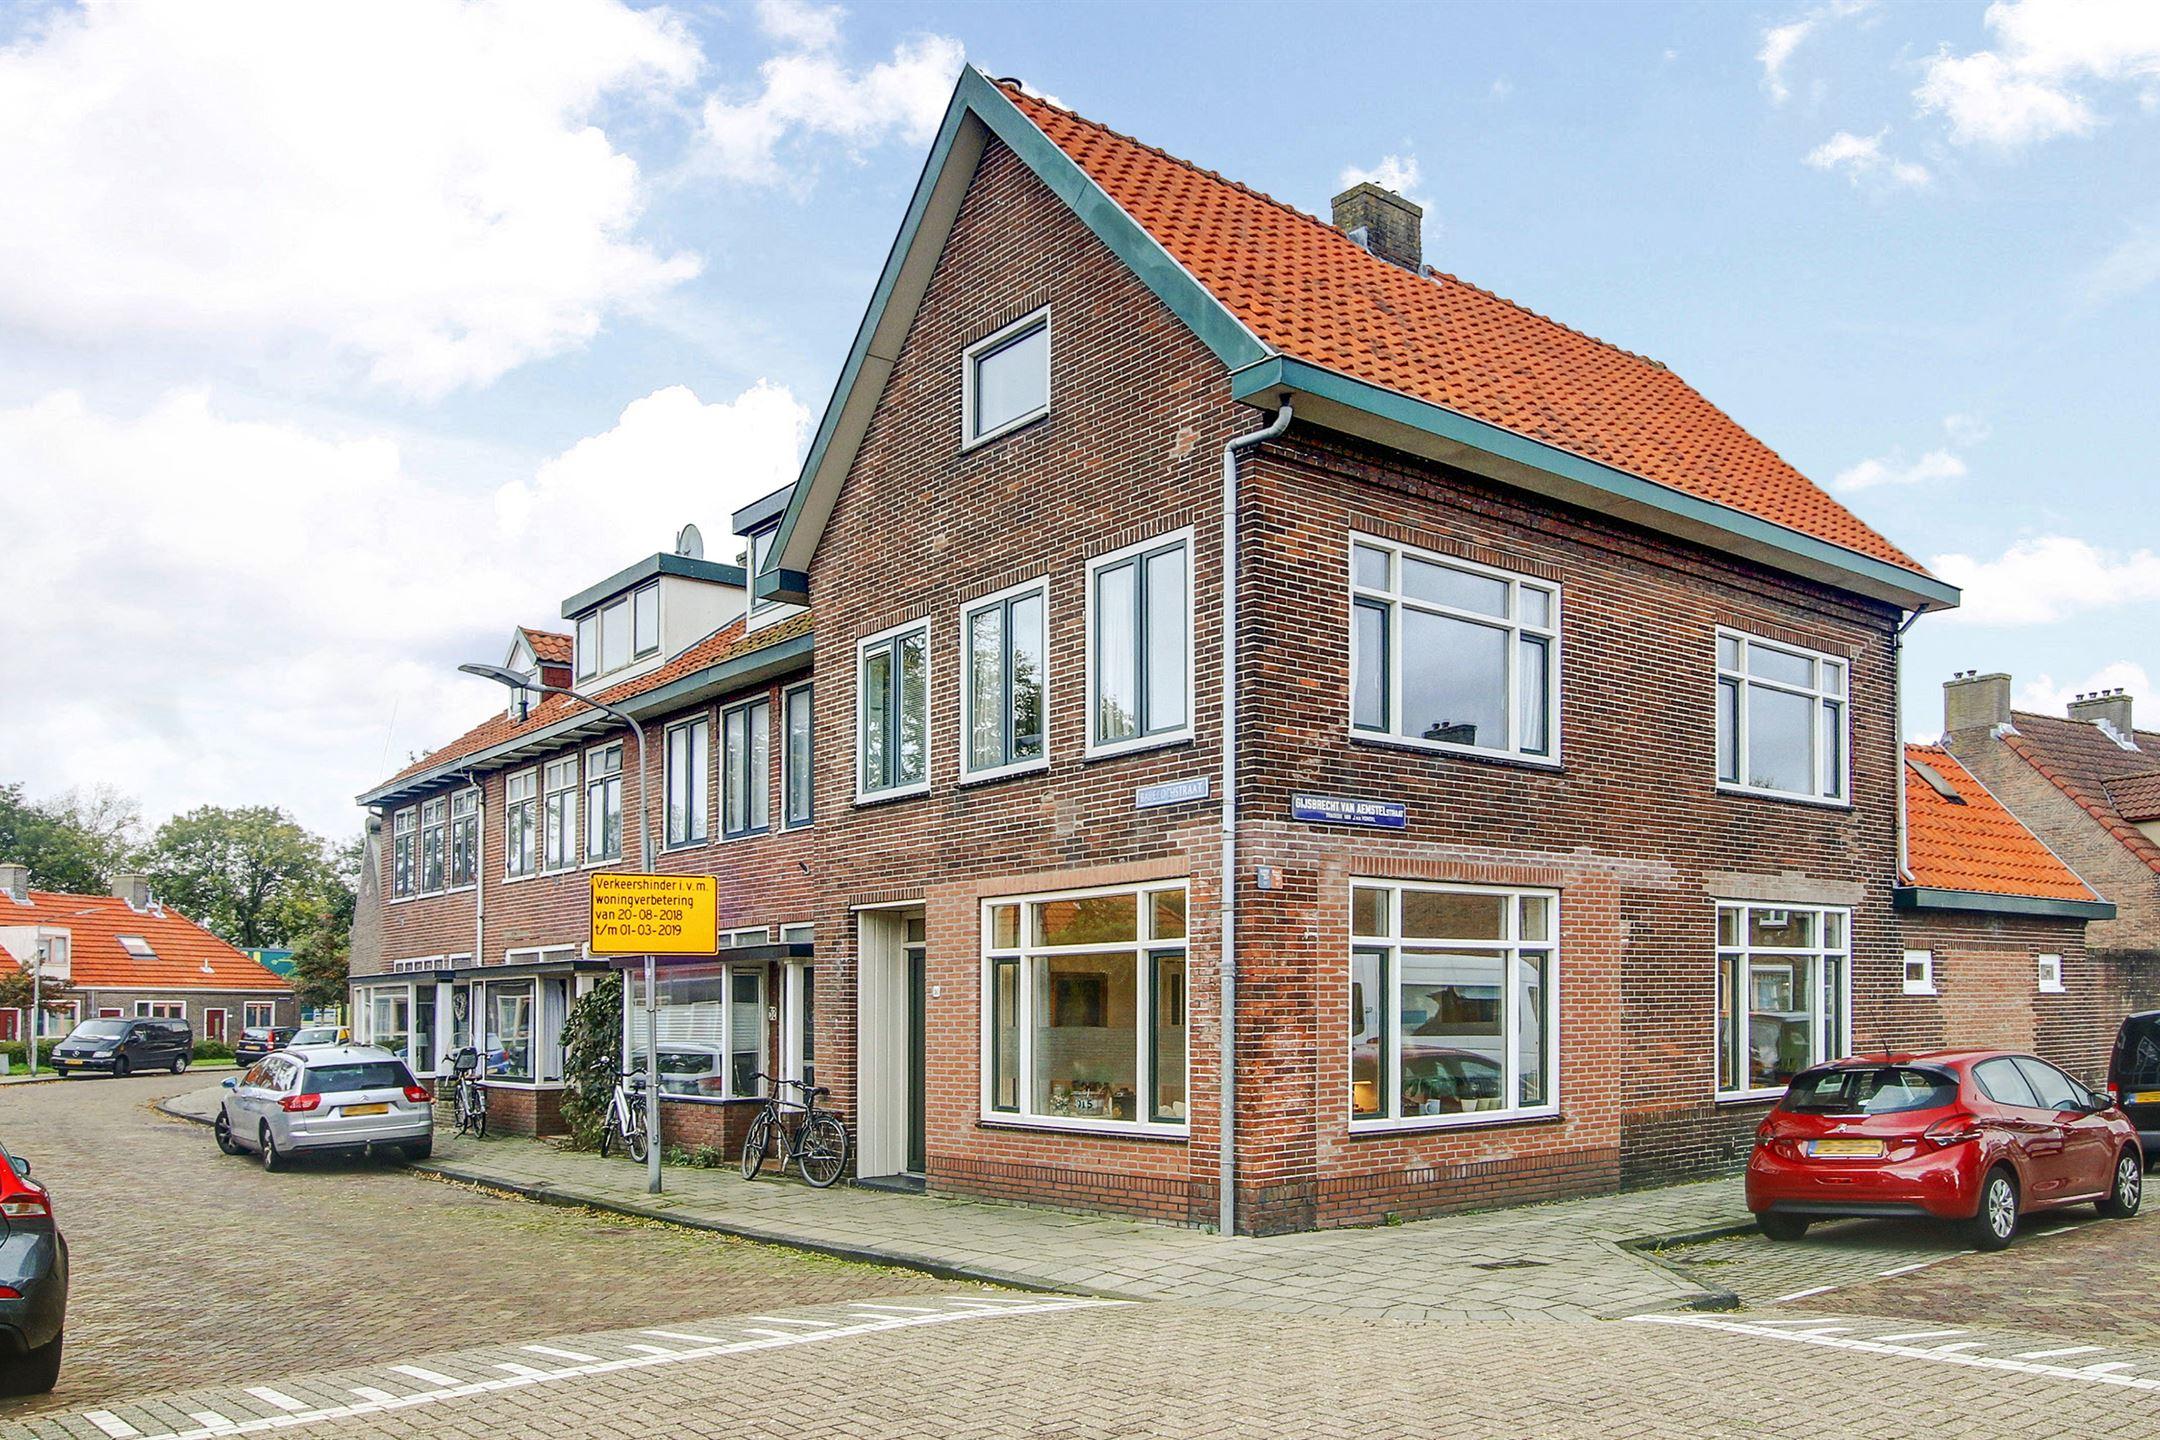 van-aemstelbuurt-vondelkwartier-haarlem-noord-badelochstraat-50